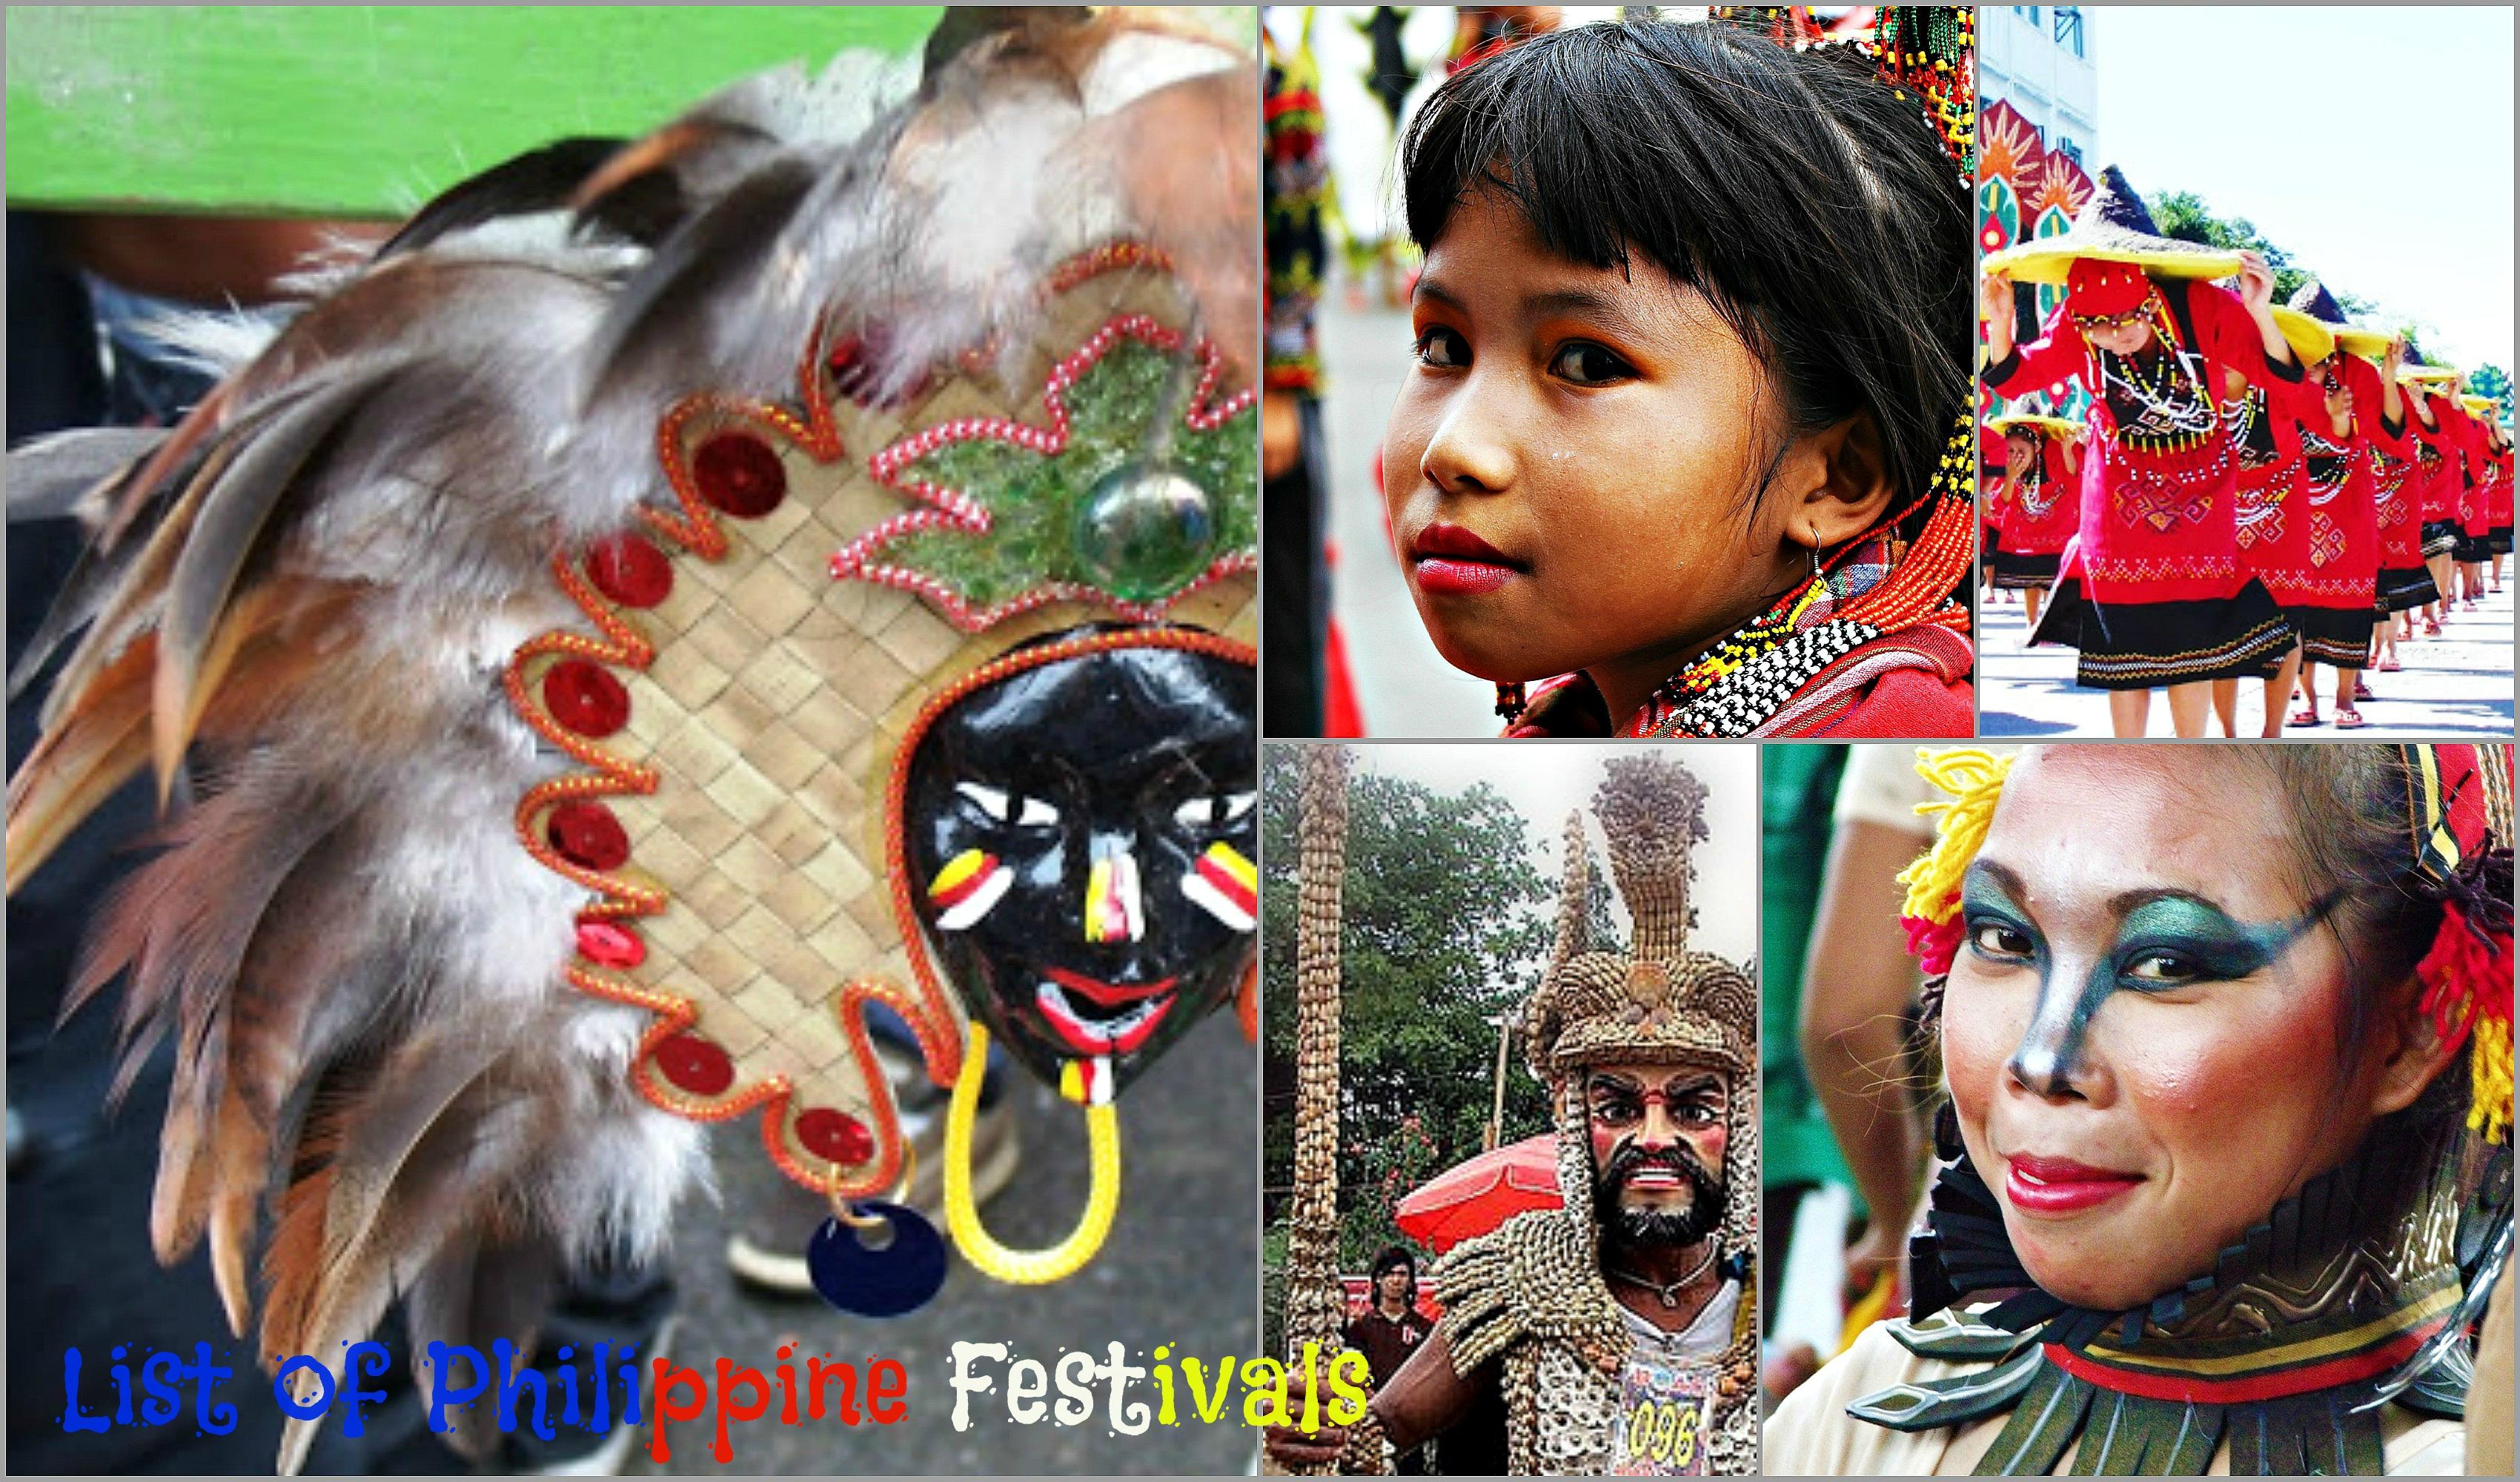 finalPhilippine festival